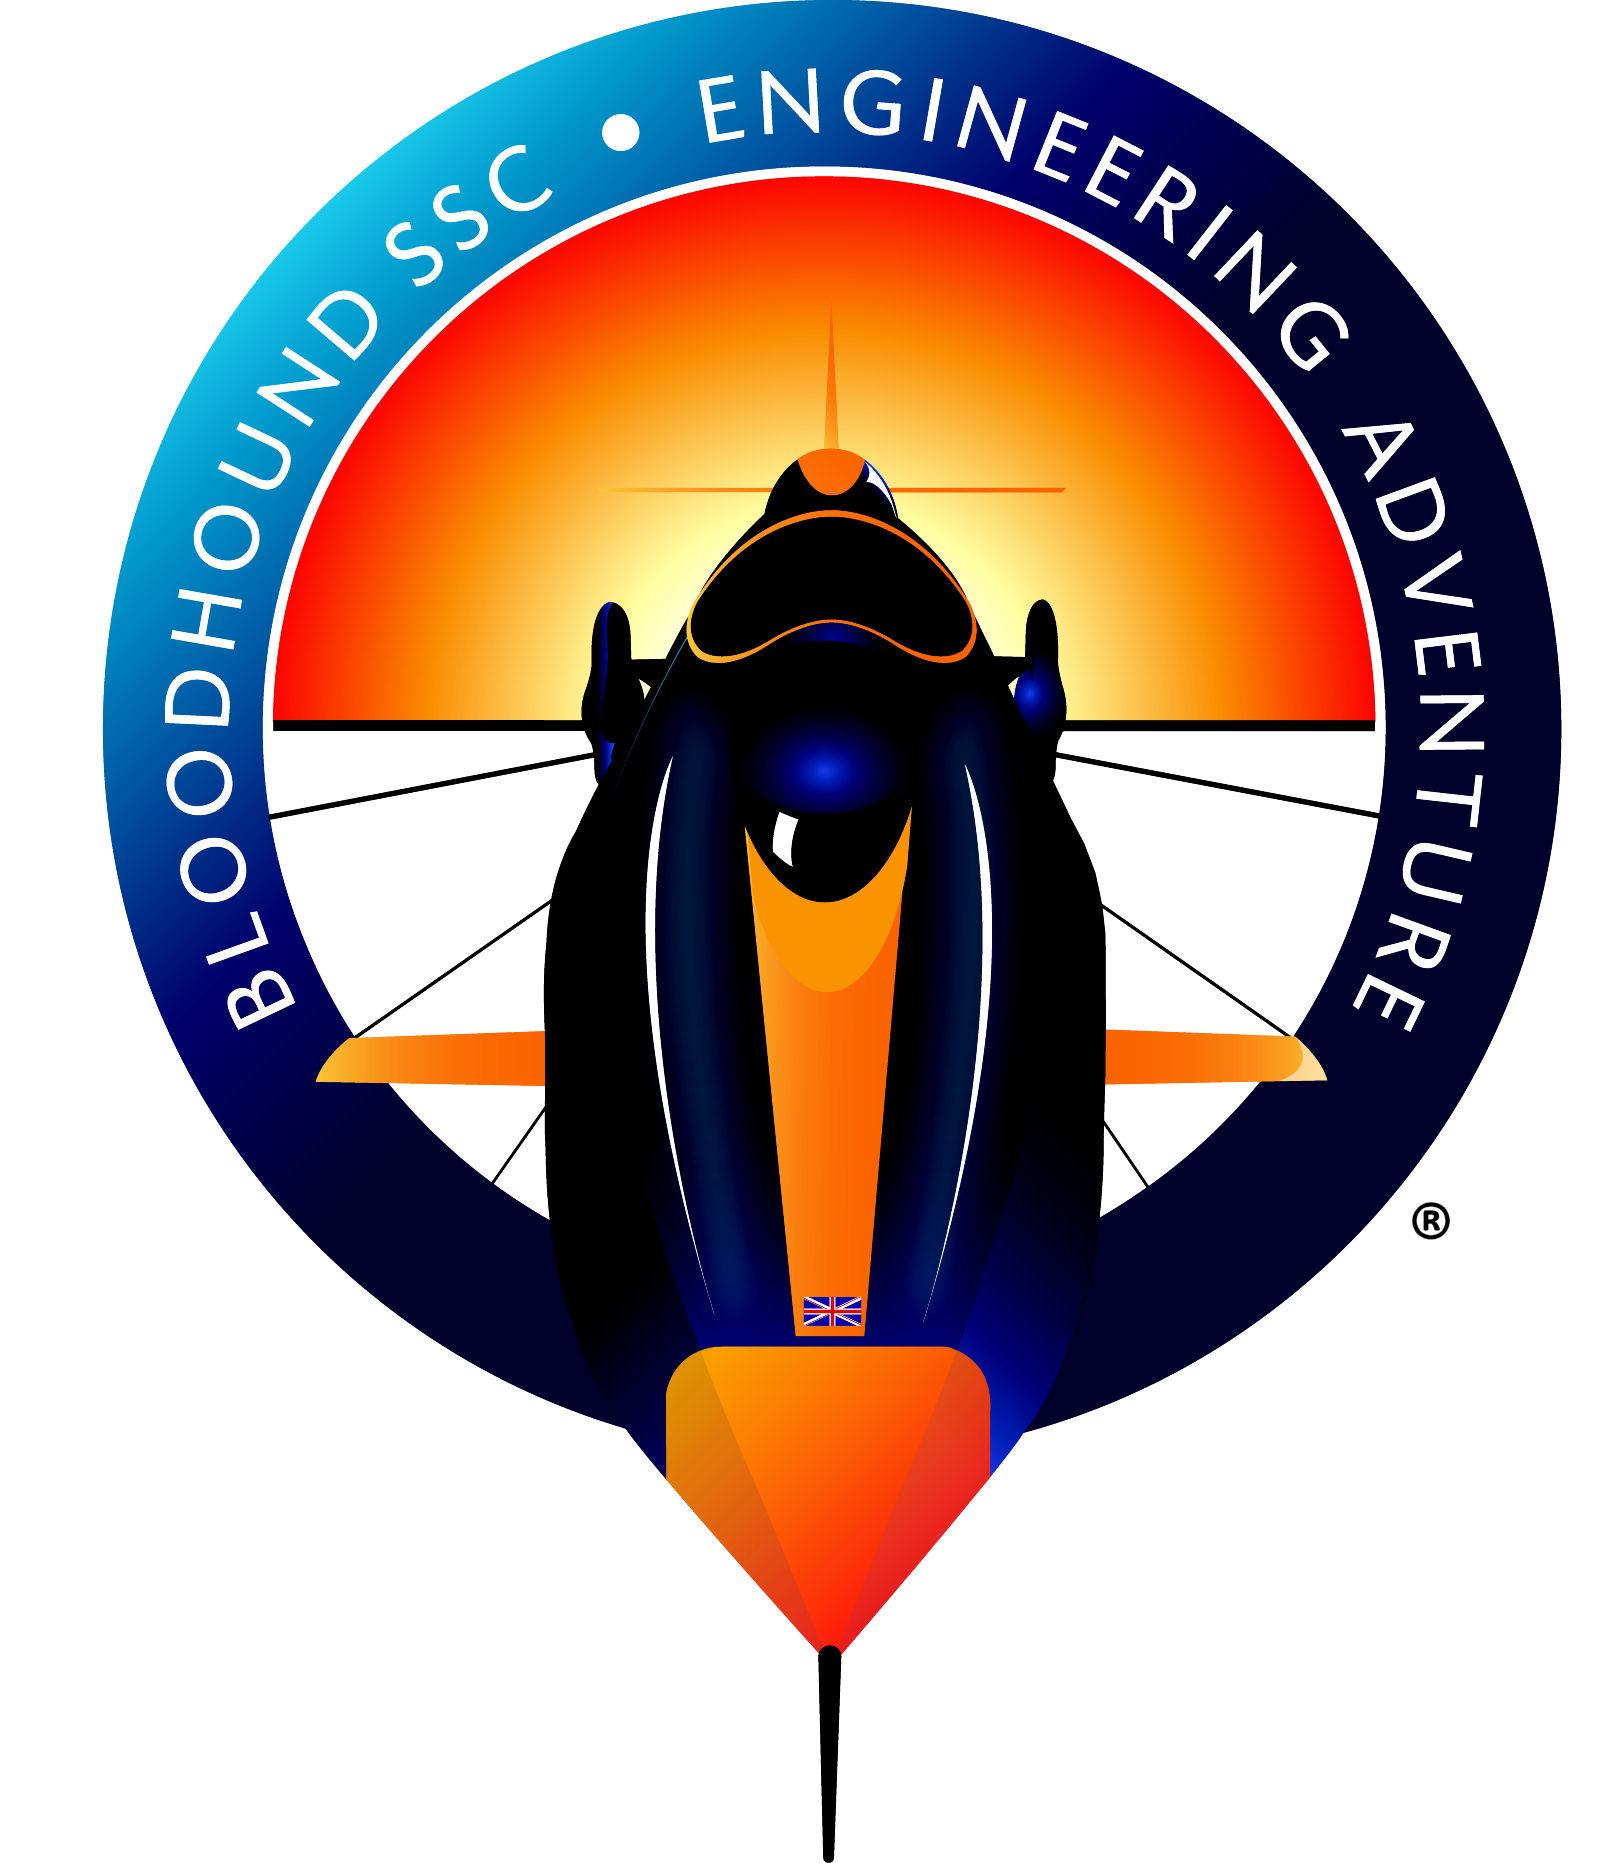 Chief Engineer, Bloodhound SSC